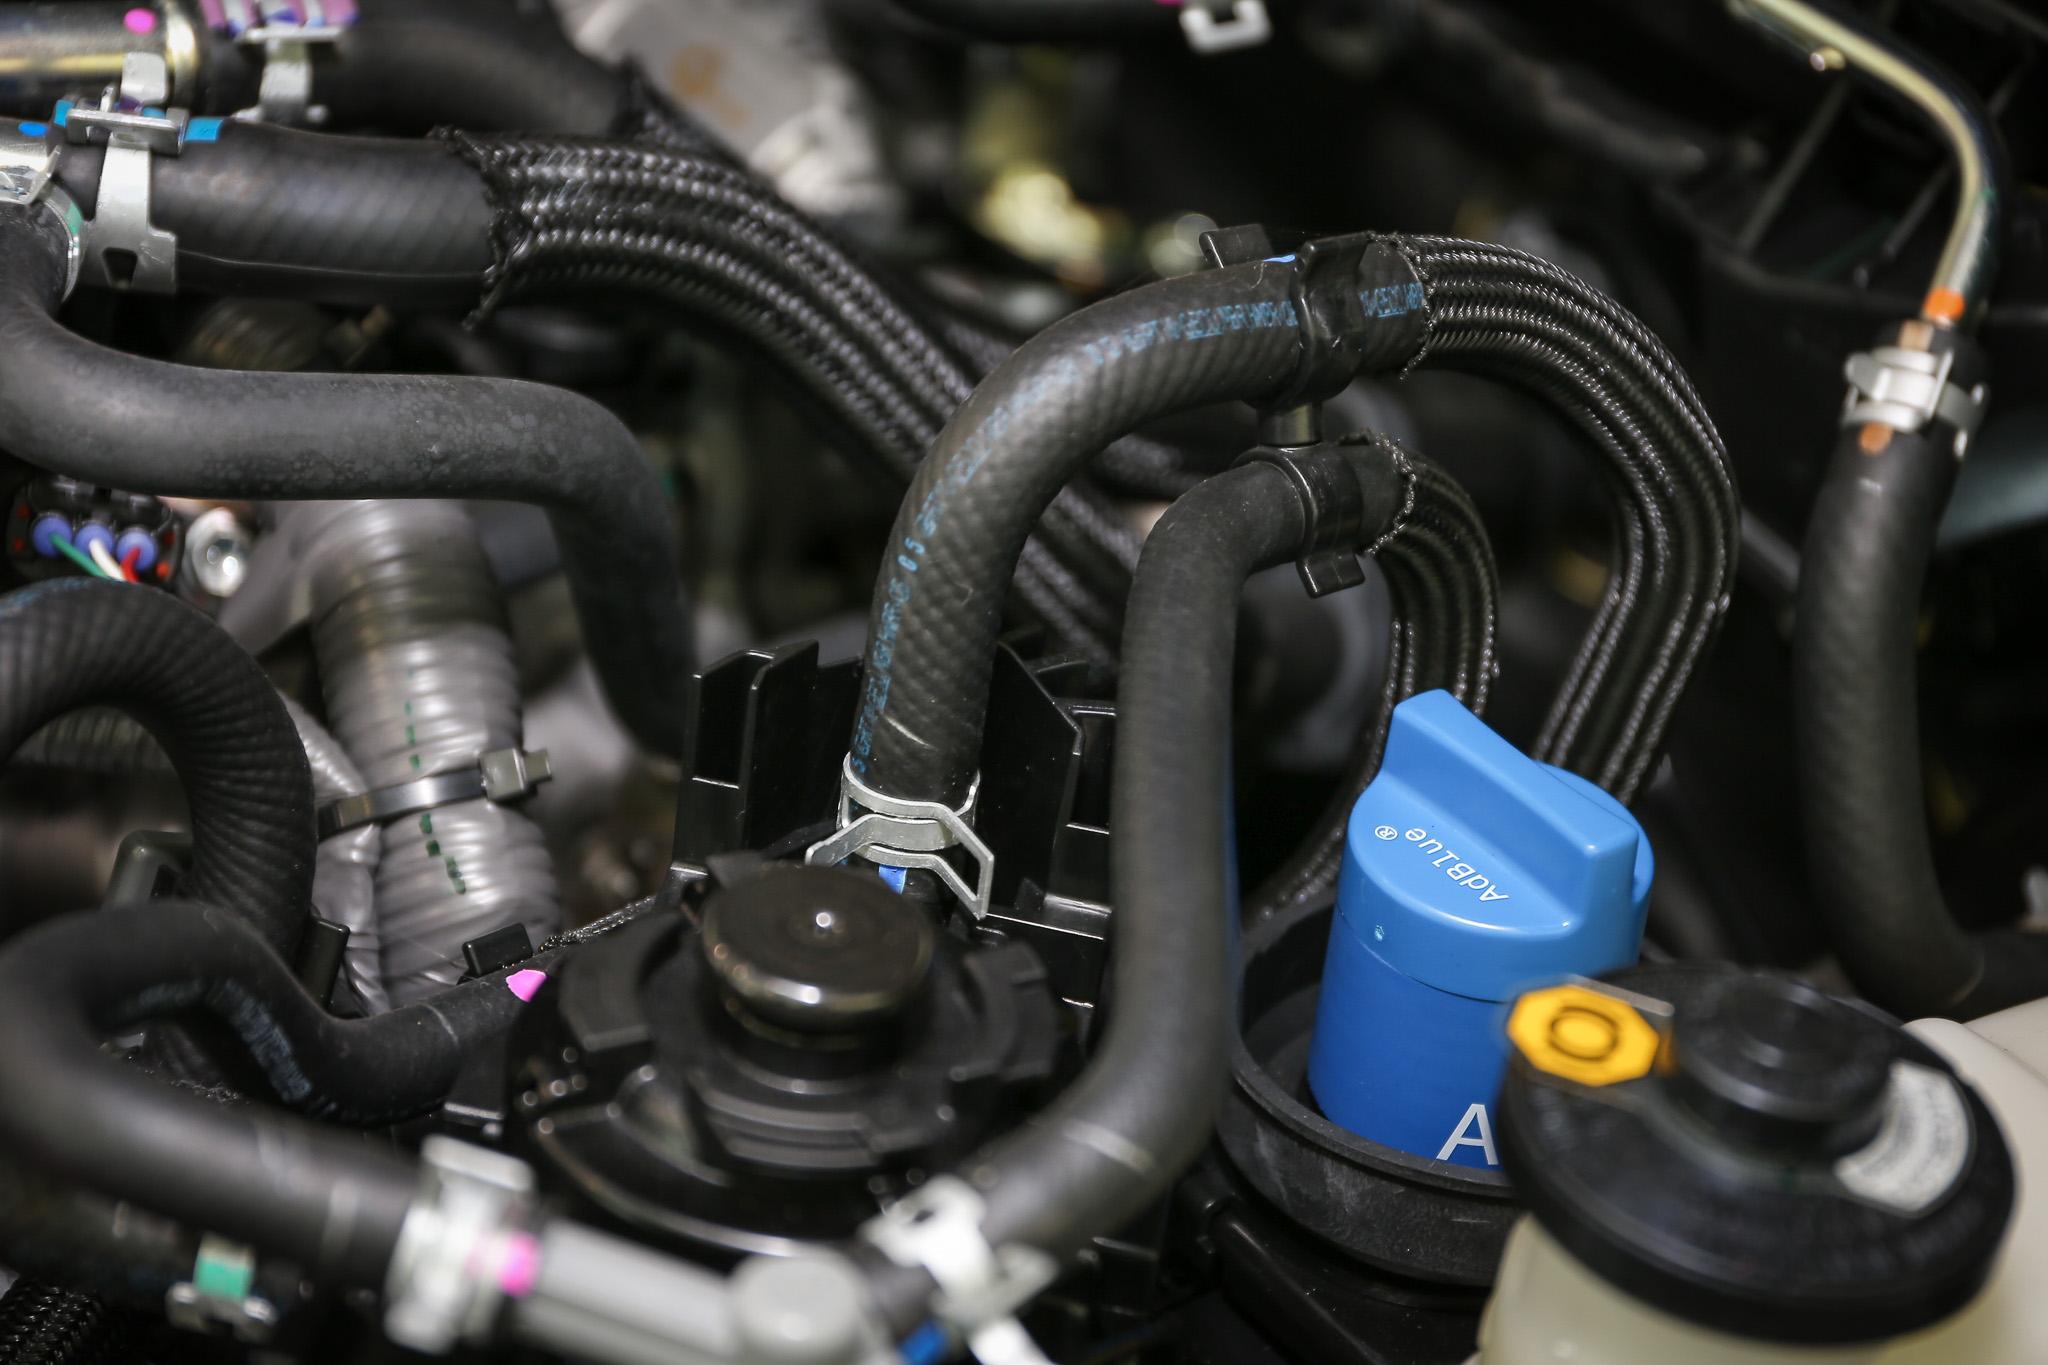 小改款 Hilux 動力系統可添加尿素,符合最新排放法規。